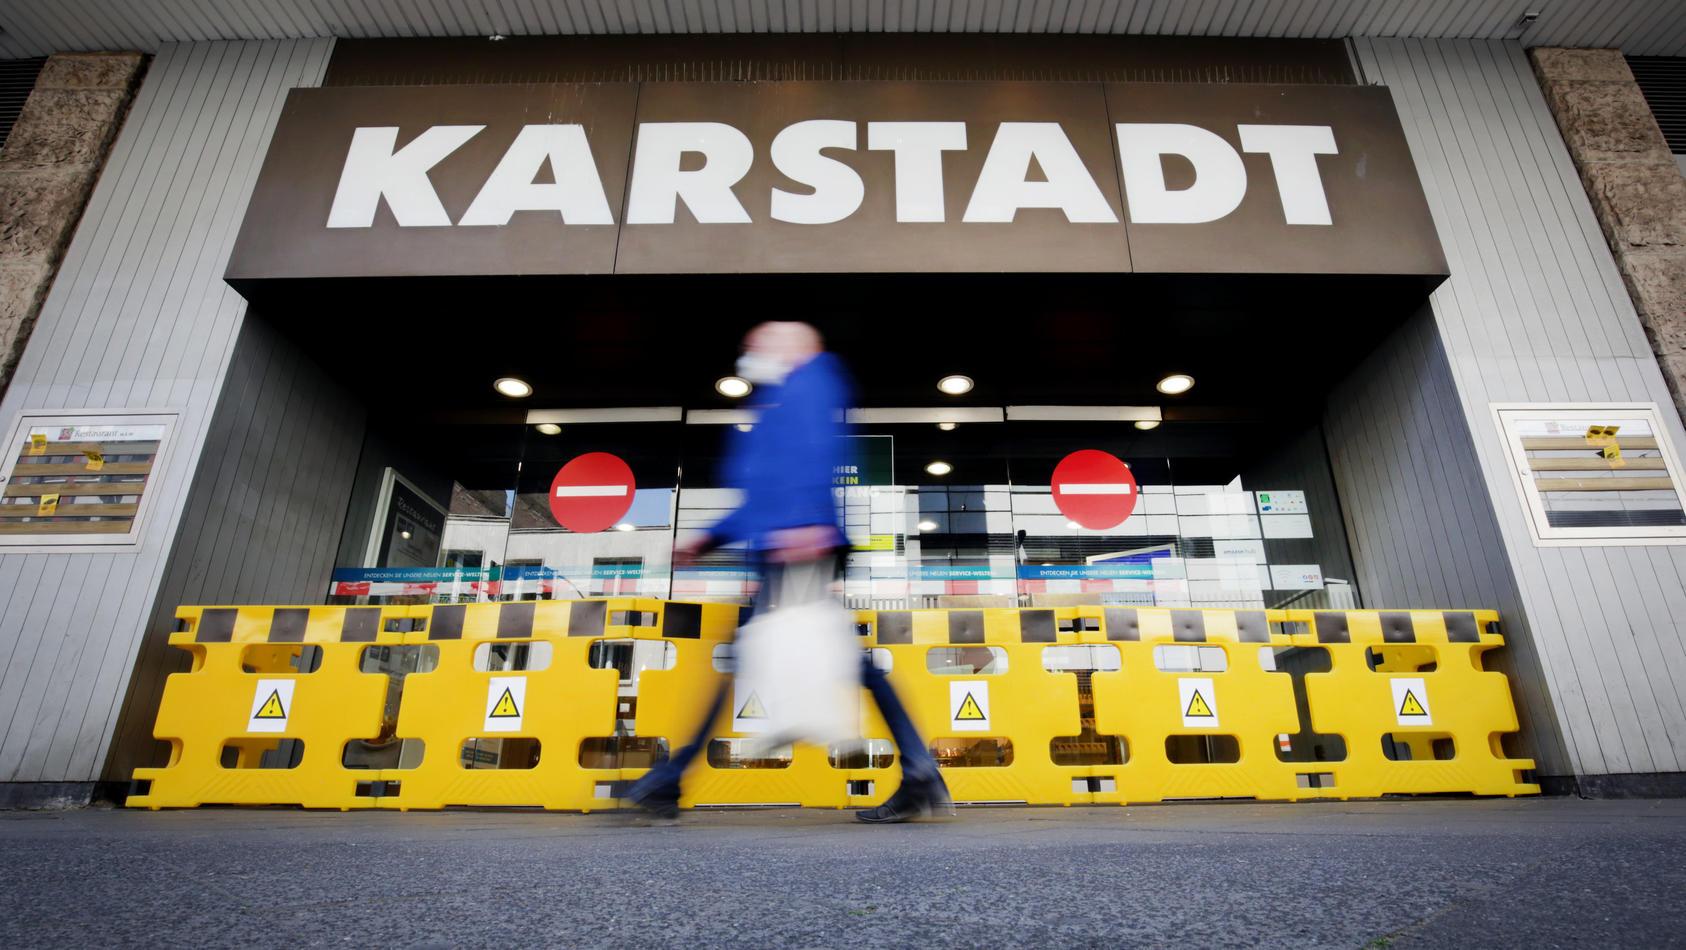 Ehemalige Karstadt-Mitarbeiter könnten bald in Gesundheitsämtern aushelfen, so ein Vorschlag des Berliner Finanzsenators.